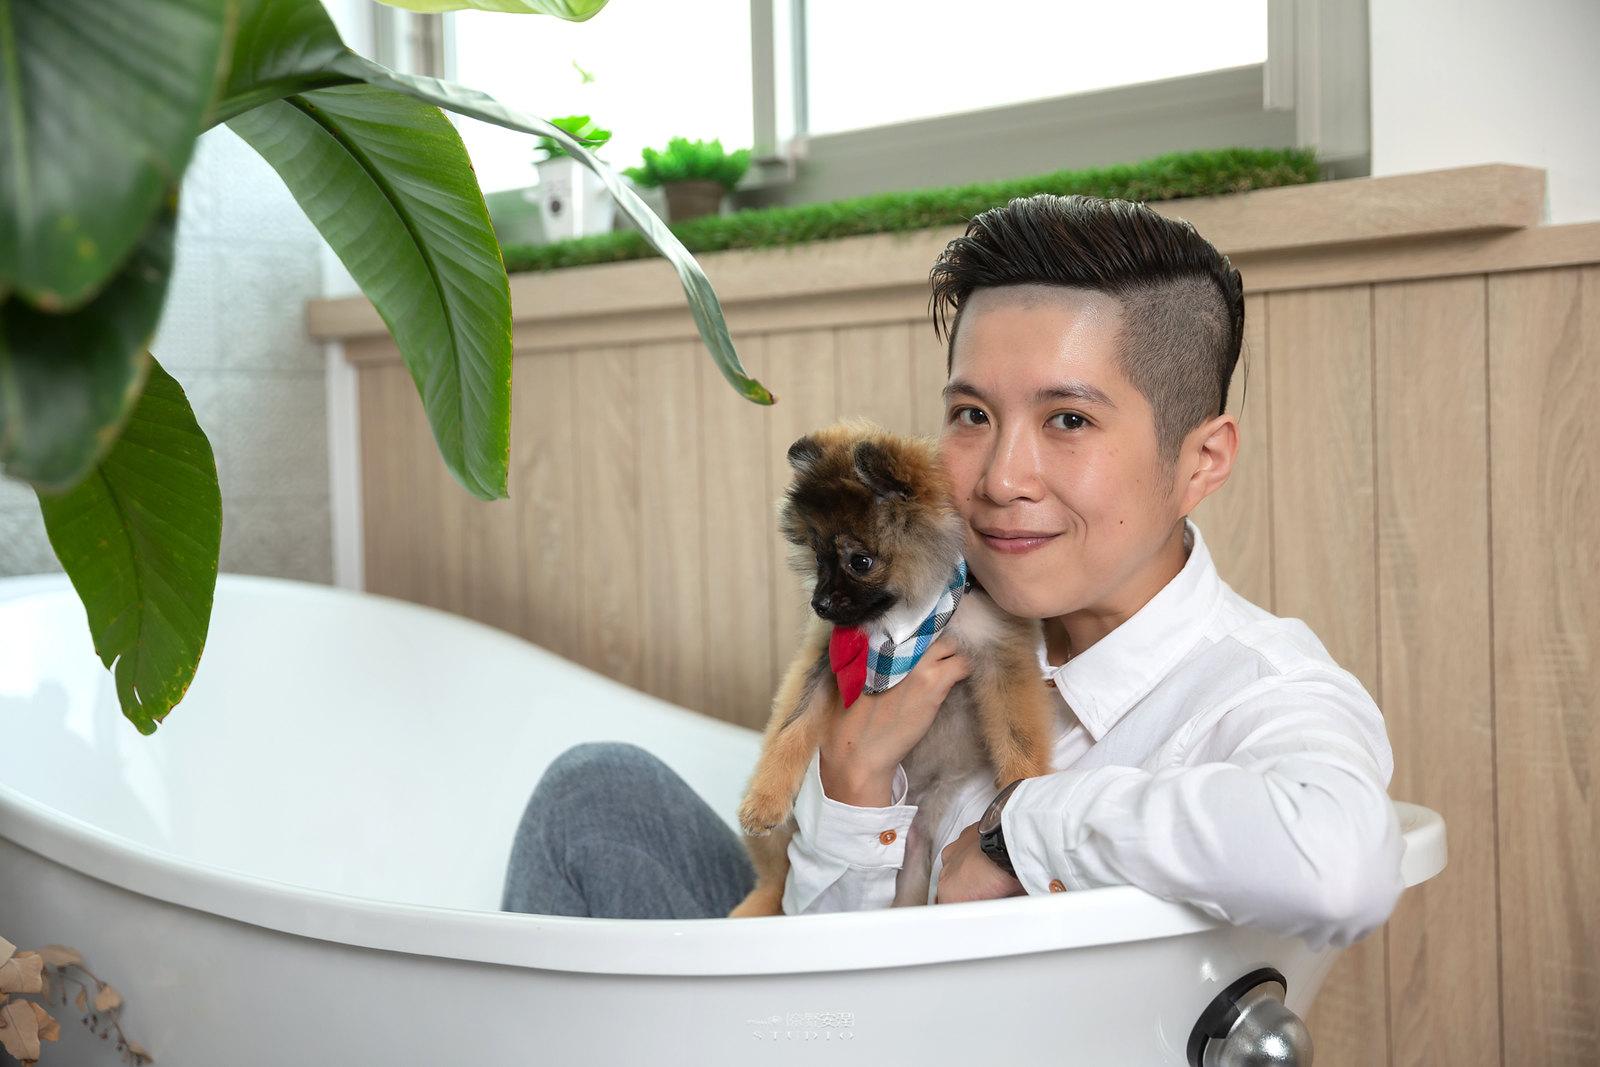 台南全家福 | 拋棄傳統合照的彆扭,忠實呈現家人間最親密的情感22